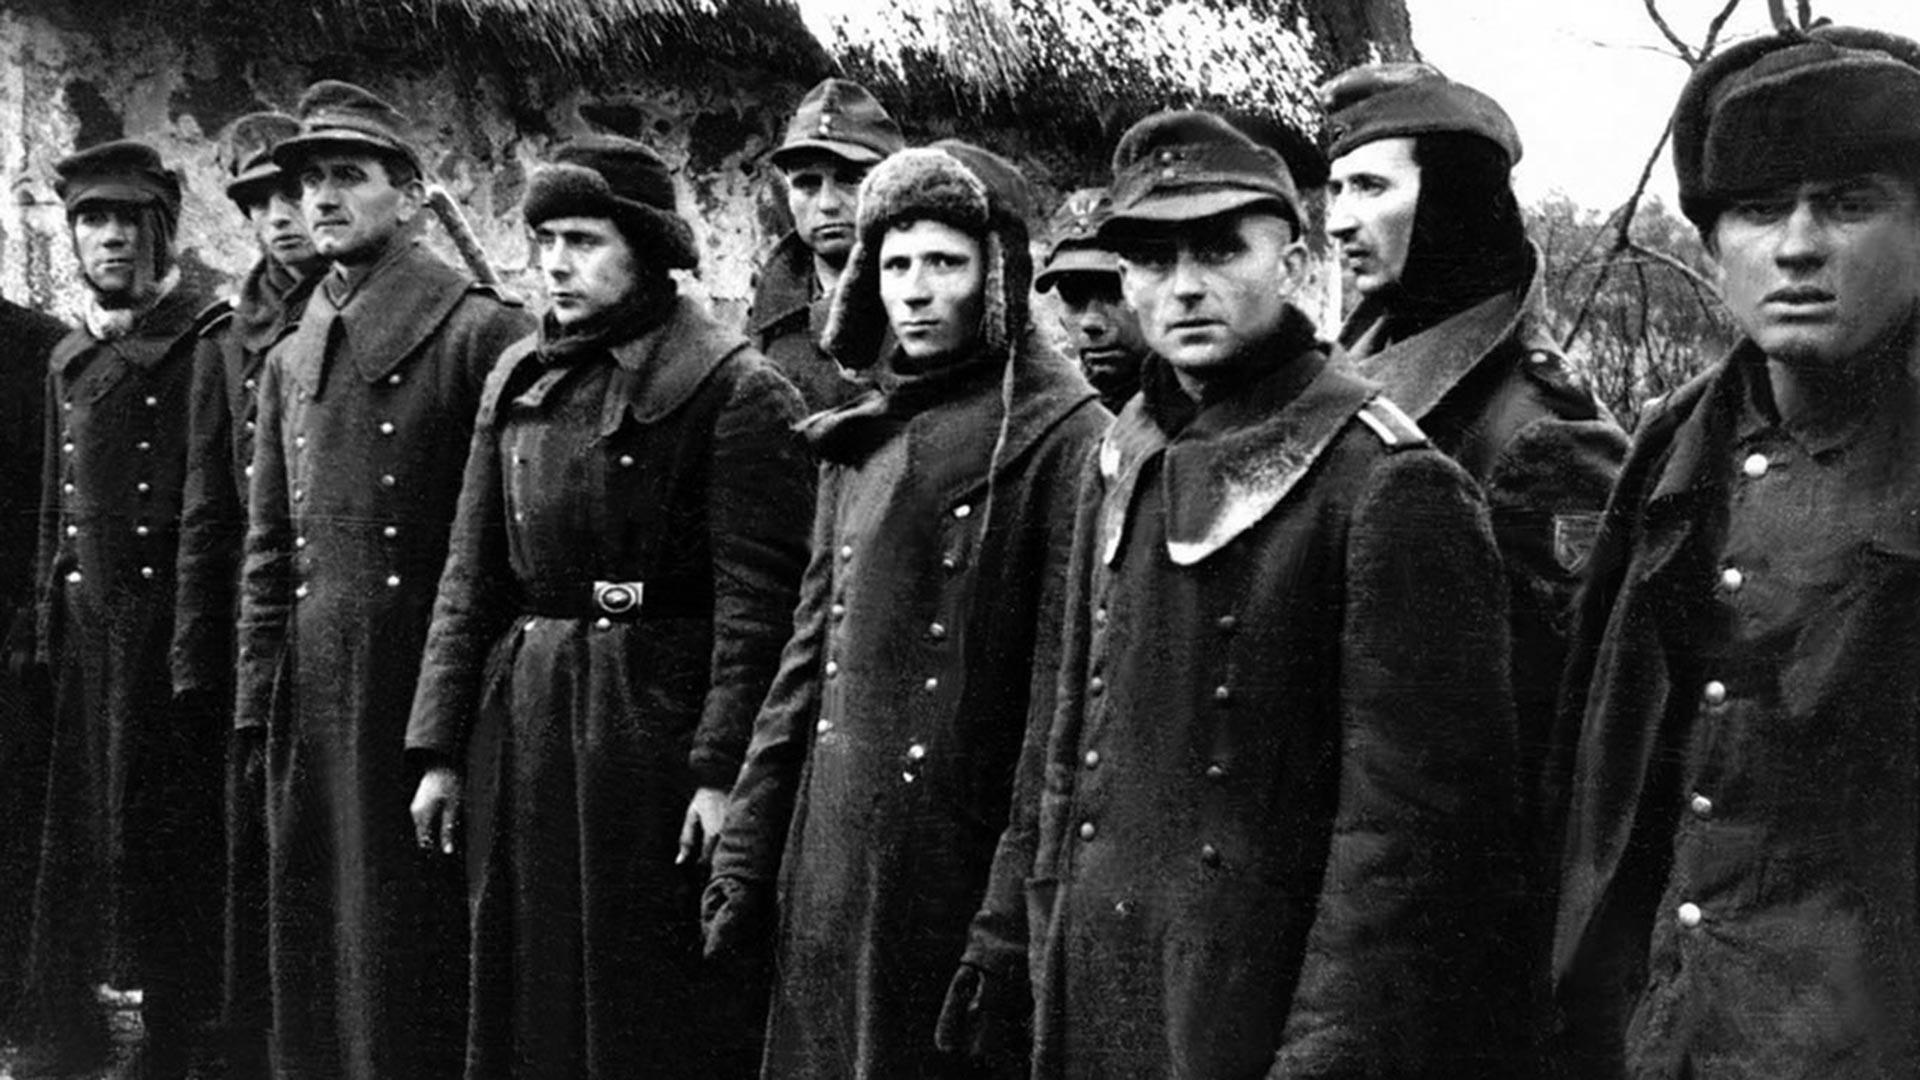 Немачки војници које су заробили Црвеноармејци.